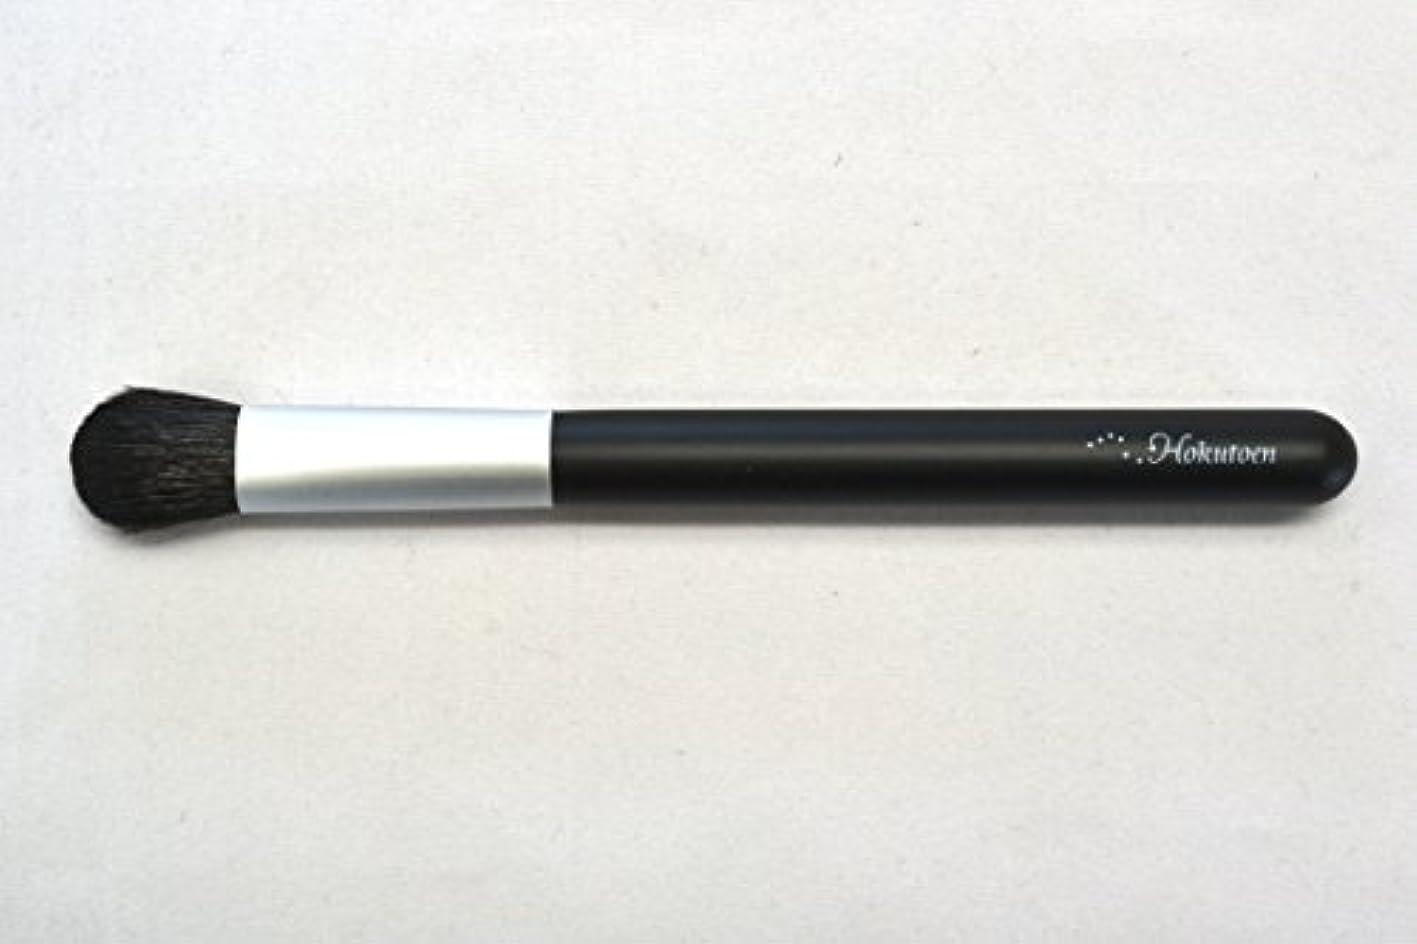 アナリスト交換ベッツィトロットウッド熊野筆 北斗園 Kシリーズ アイシャドウブラシ丸型(黒銀)